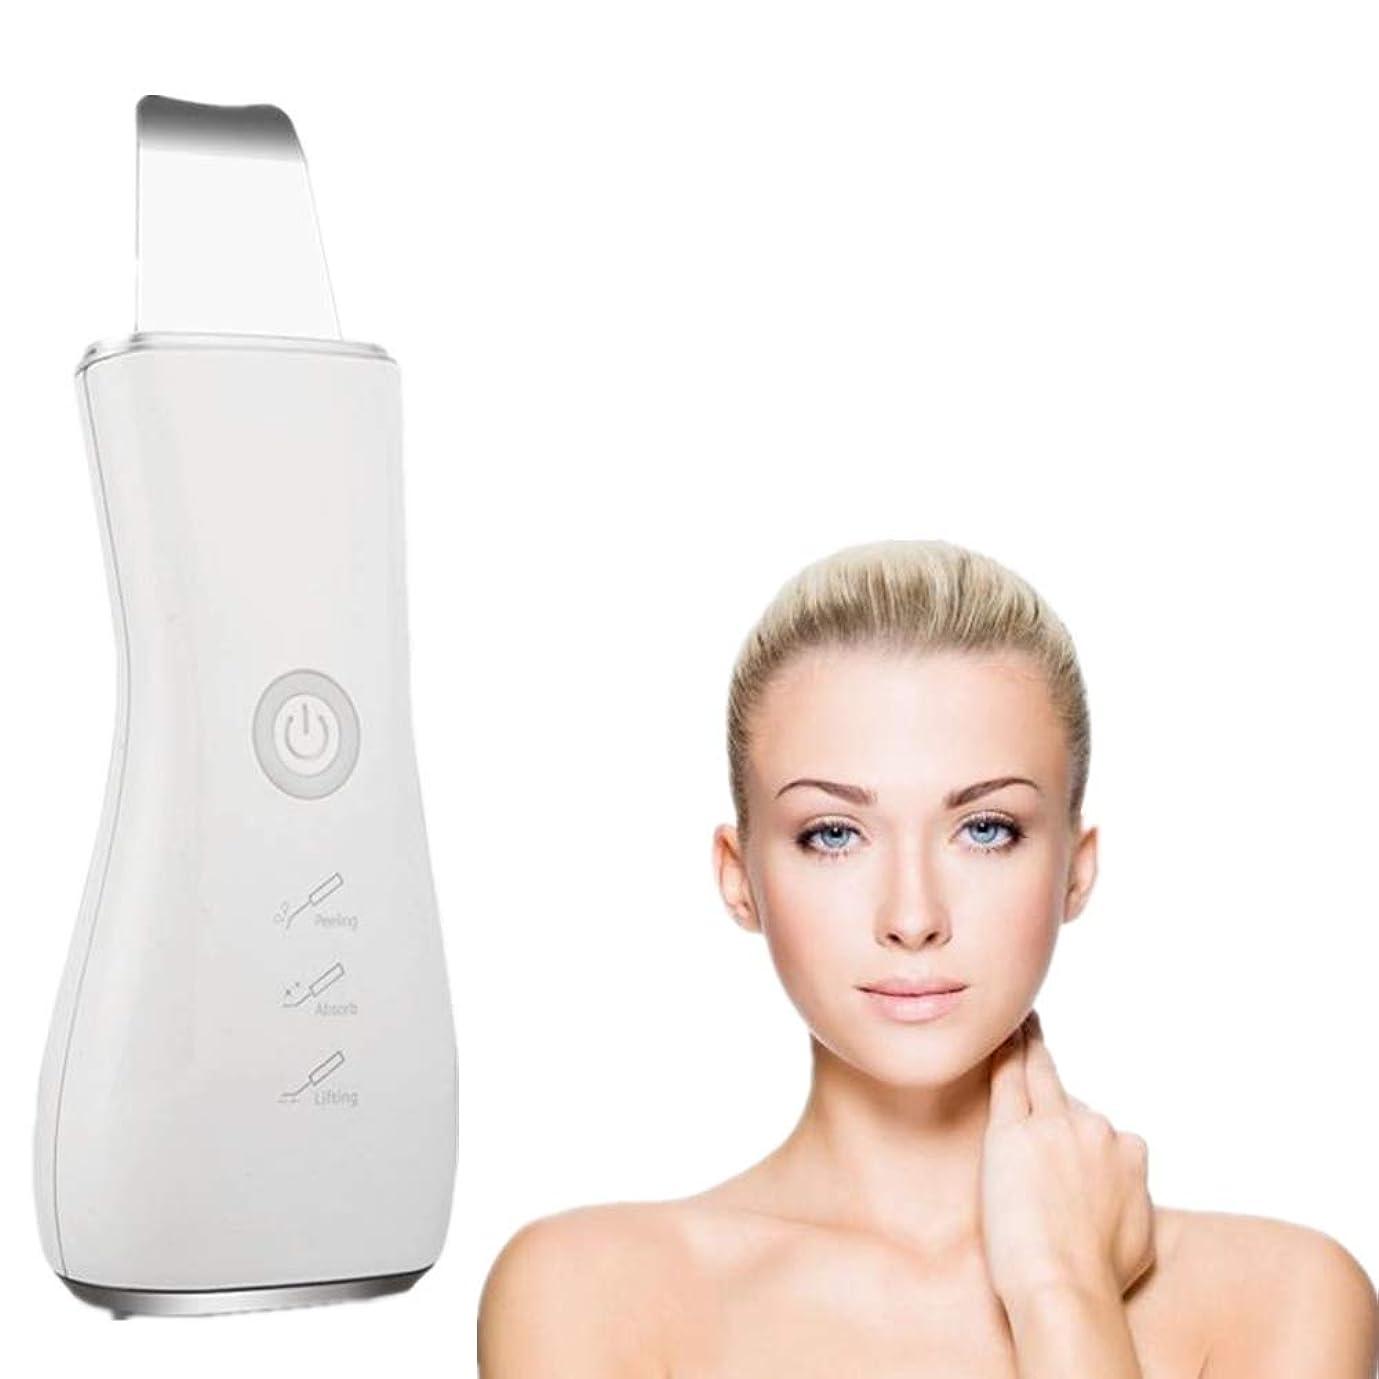 ロマンス位置づける小屋顔の皮膚スクラバーブラックヘッドリムーバー毛穴充電式スキンスクラバー光子の若返り美容スキンクリーナーEMSクリーニングイオン導入モードUSB充電式美容ツール、シルバー